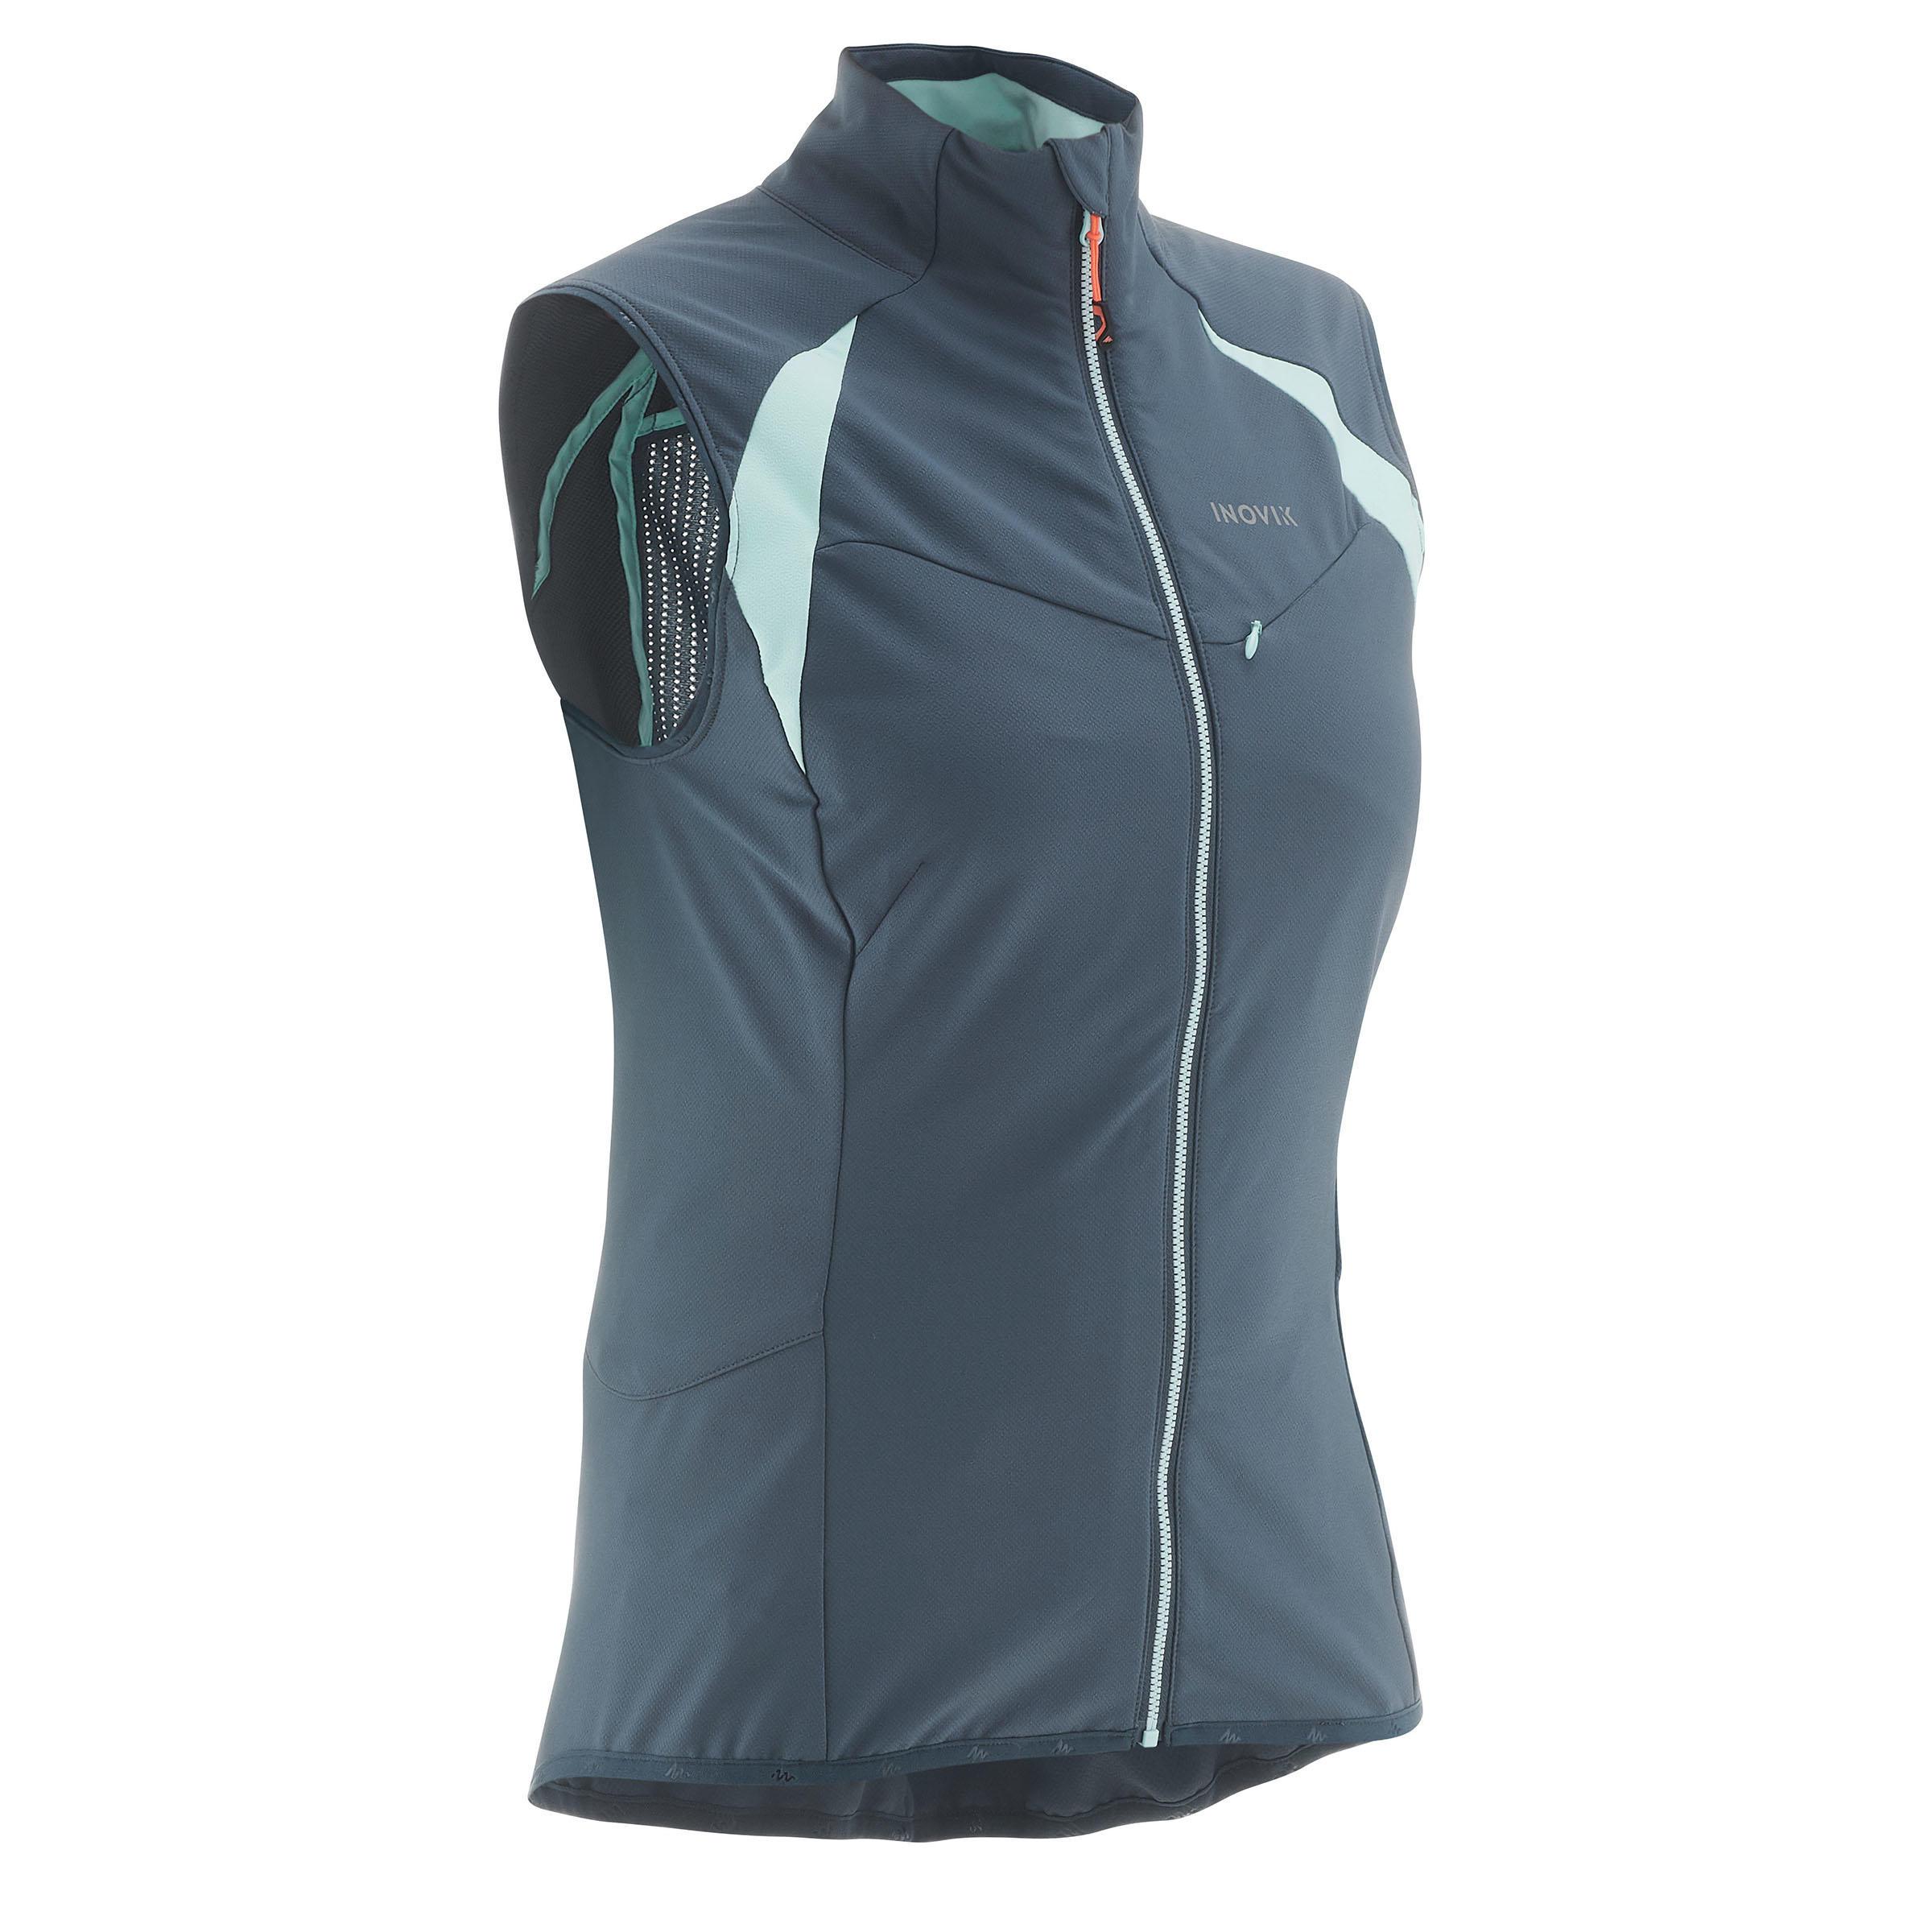 Inovik Mouwloos damesvest XC S Vest 500 grijs/blauw